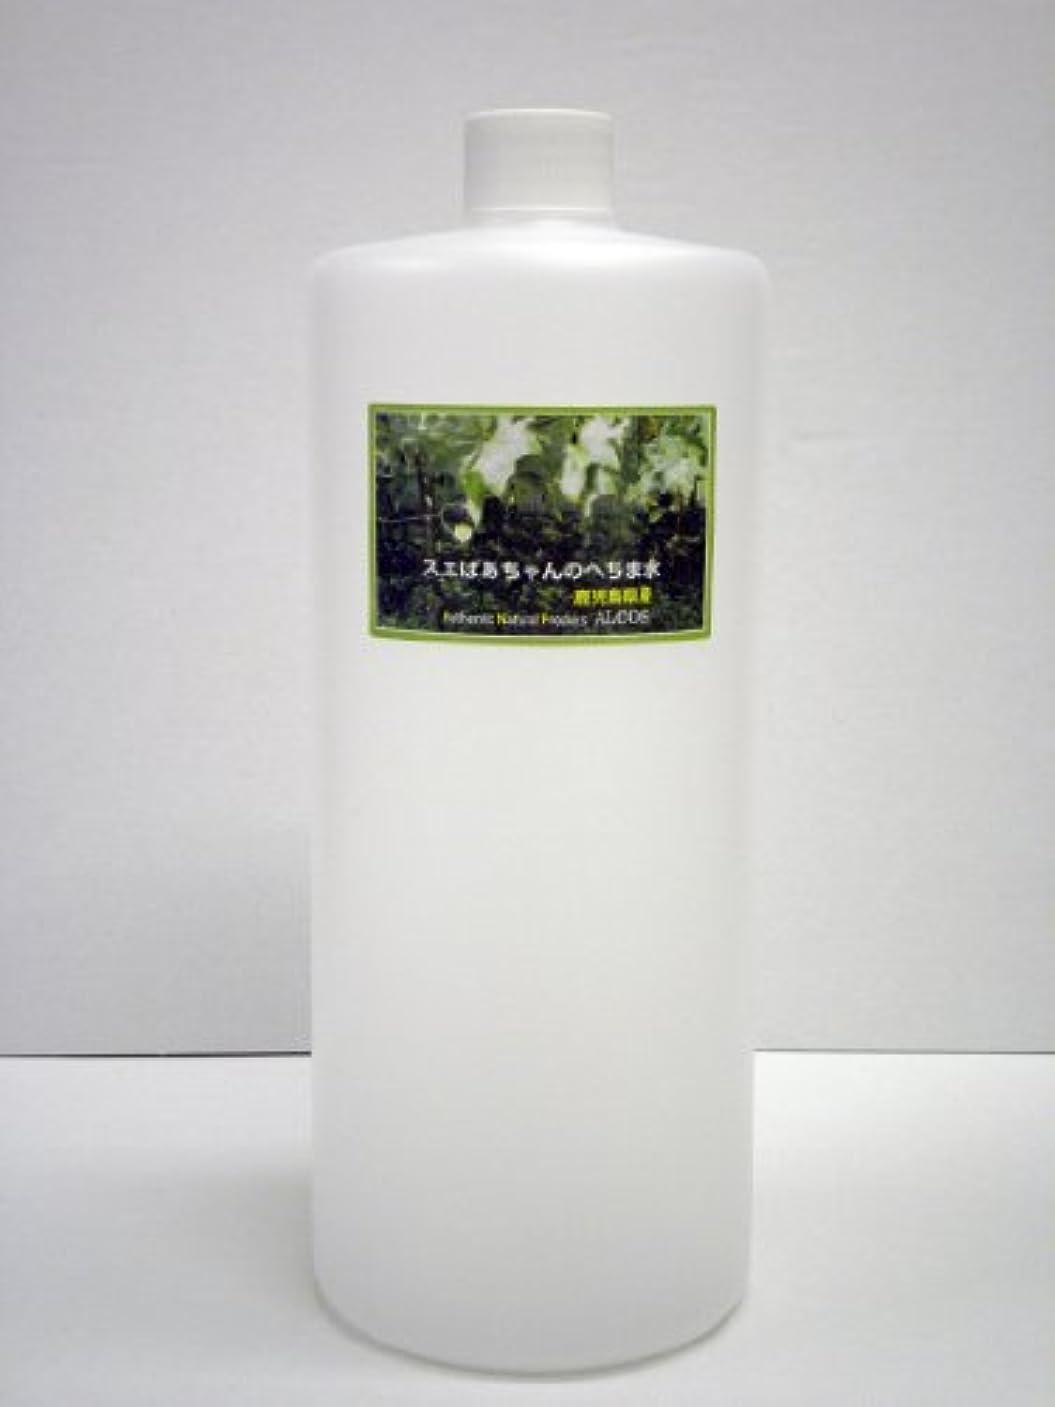 マラウイ一緒に彼らスエばあちゃんのへちま水(容量1000ml)鹿児島県産?有機栽培(無農薬) ※完全無添加オーガニックヘチマ水100% ※商品のラベルはスエばあちゃんのへちま畑の写真です。ALCOS(アルコス) 天然へちま水 [1000]